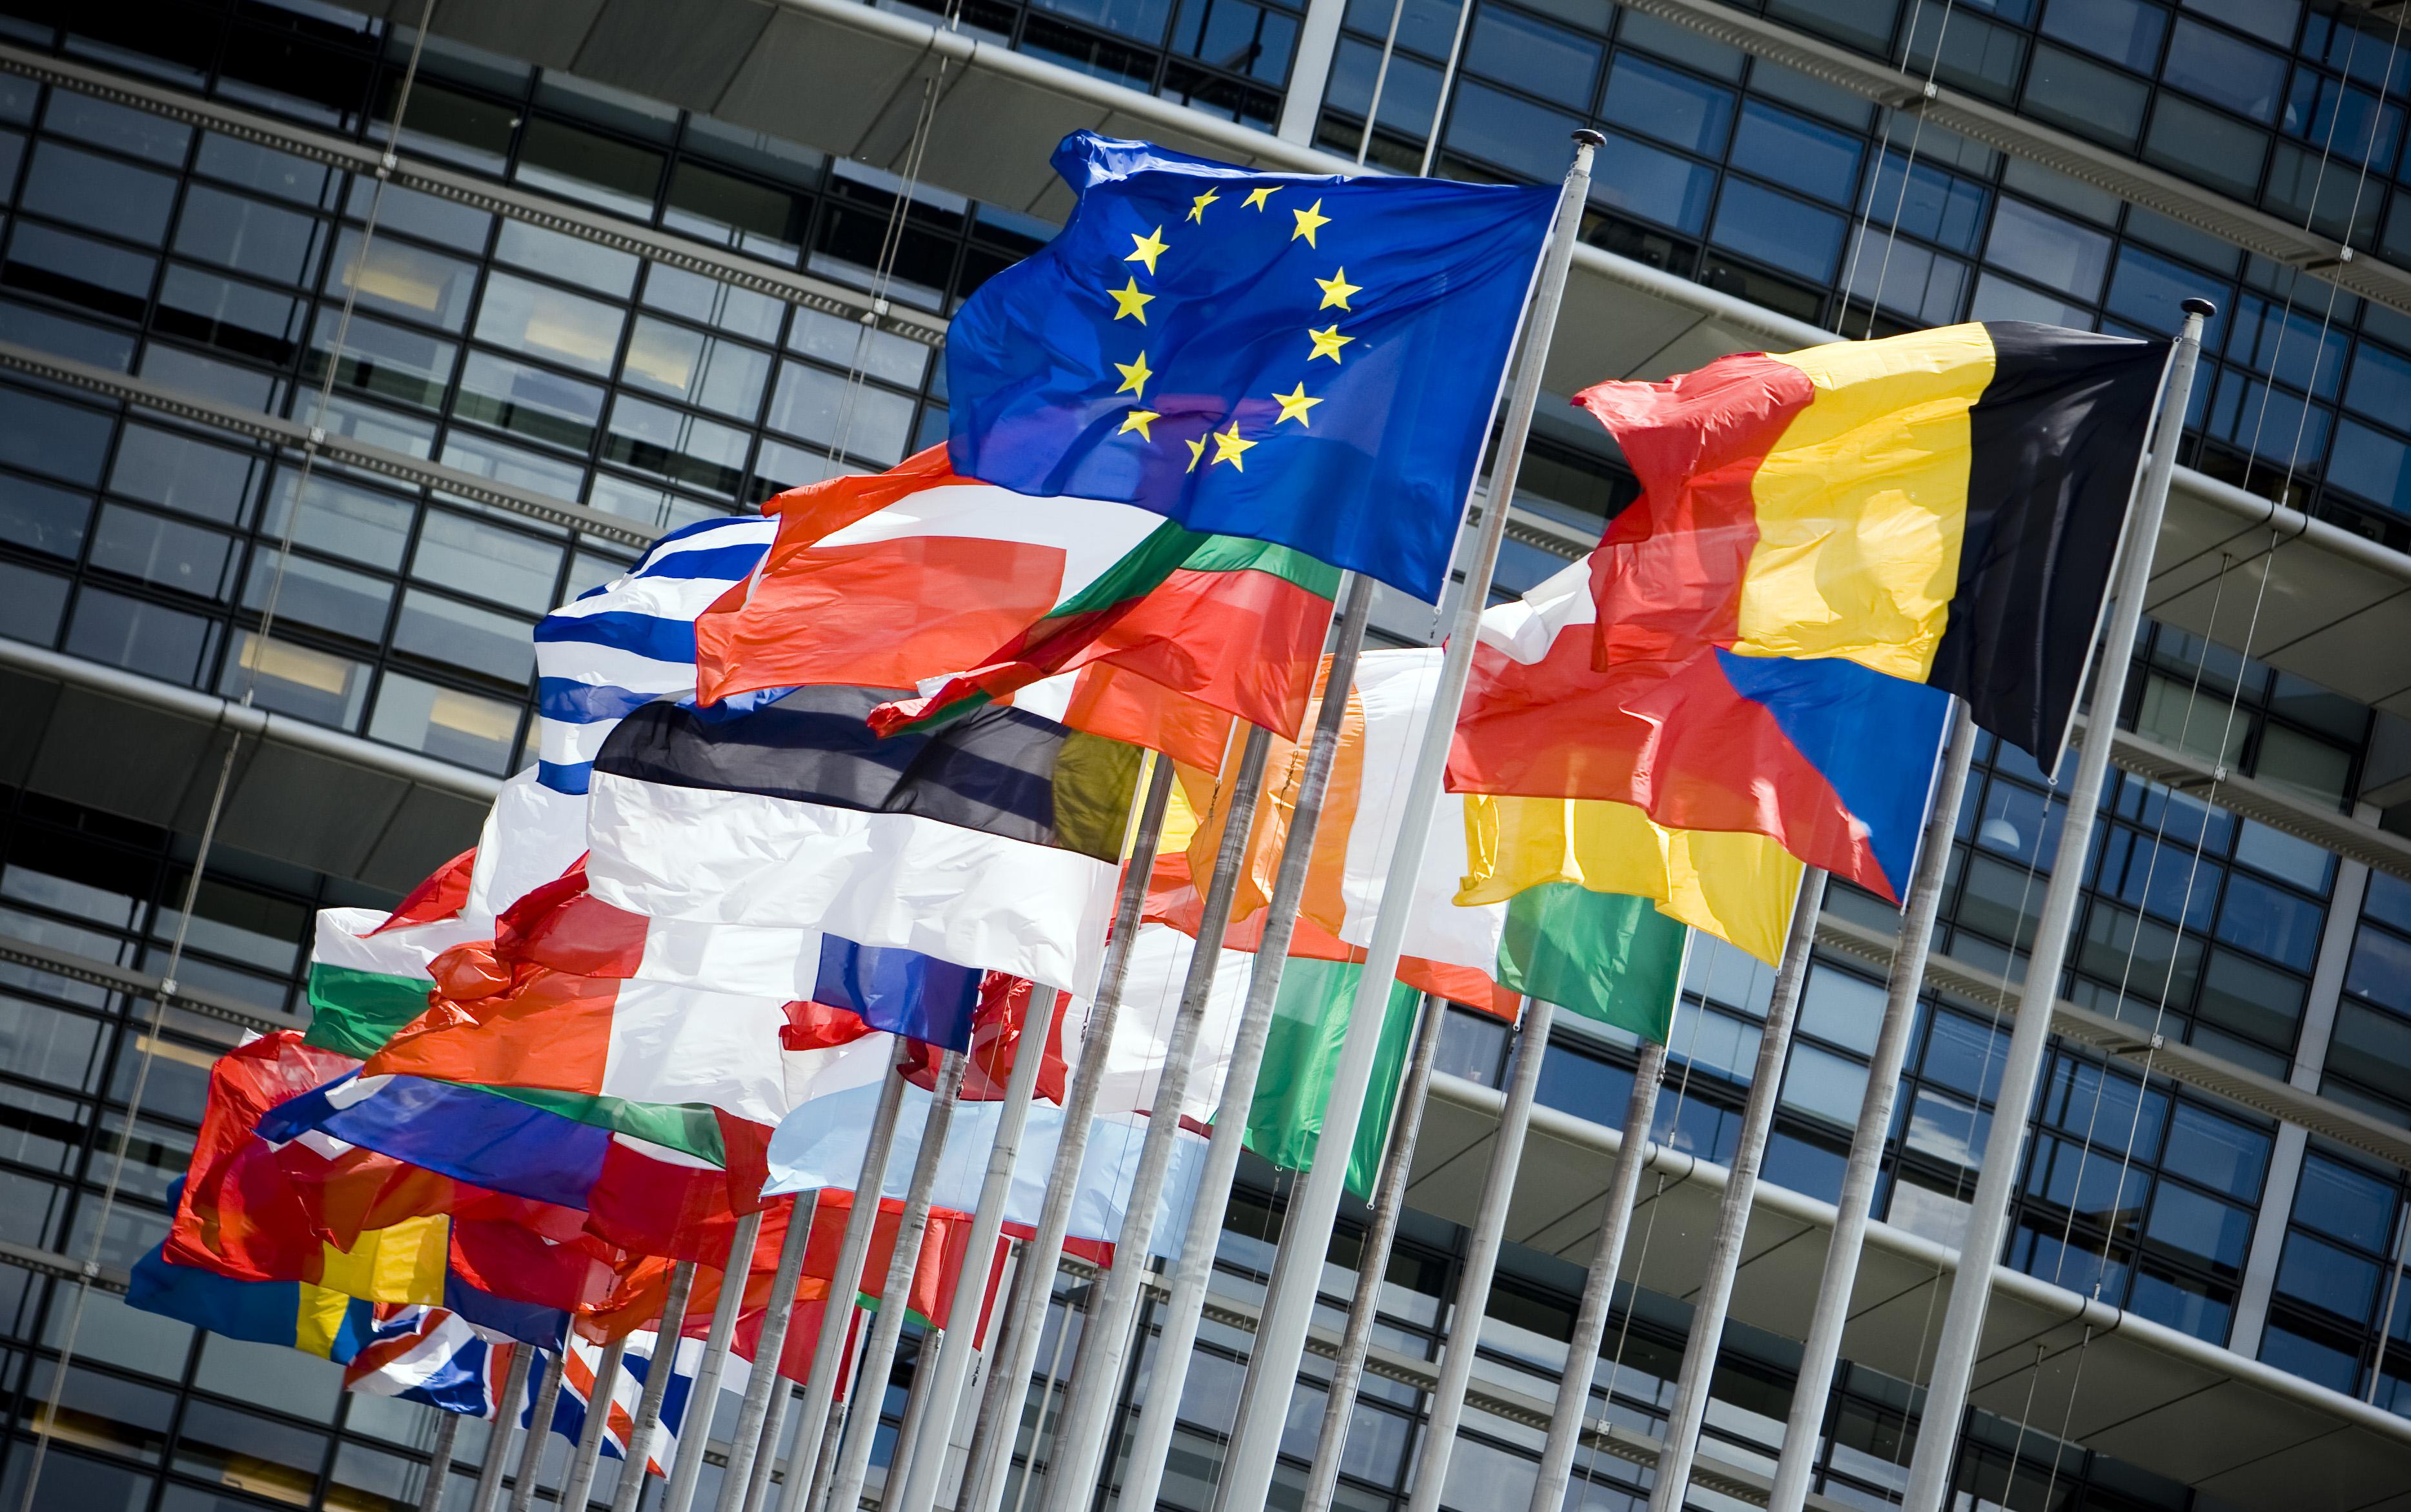 البرلمان الأوروبي يتبنى قرار شرعية المطلب الفلسطيني بدولته